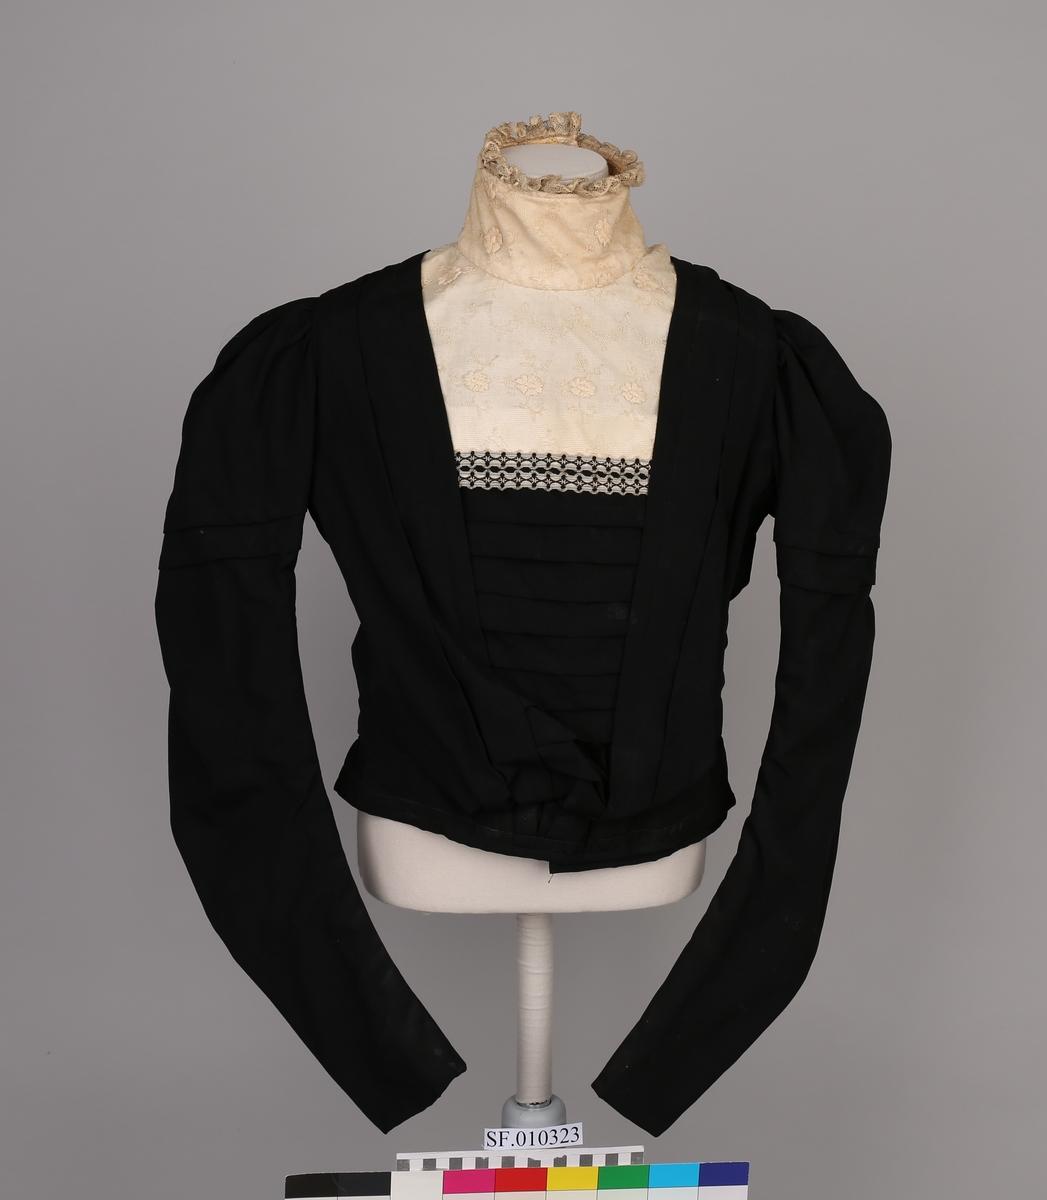 Overdel i svart stoff, blondekant. Lange ermer Kvitt halsparti, krage, mellom halsparti og framstykke er det satt på eit pyntebord i svart og kvitt.